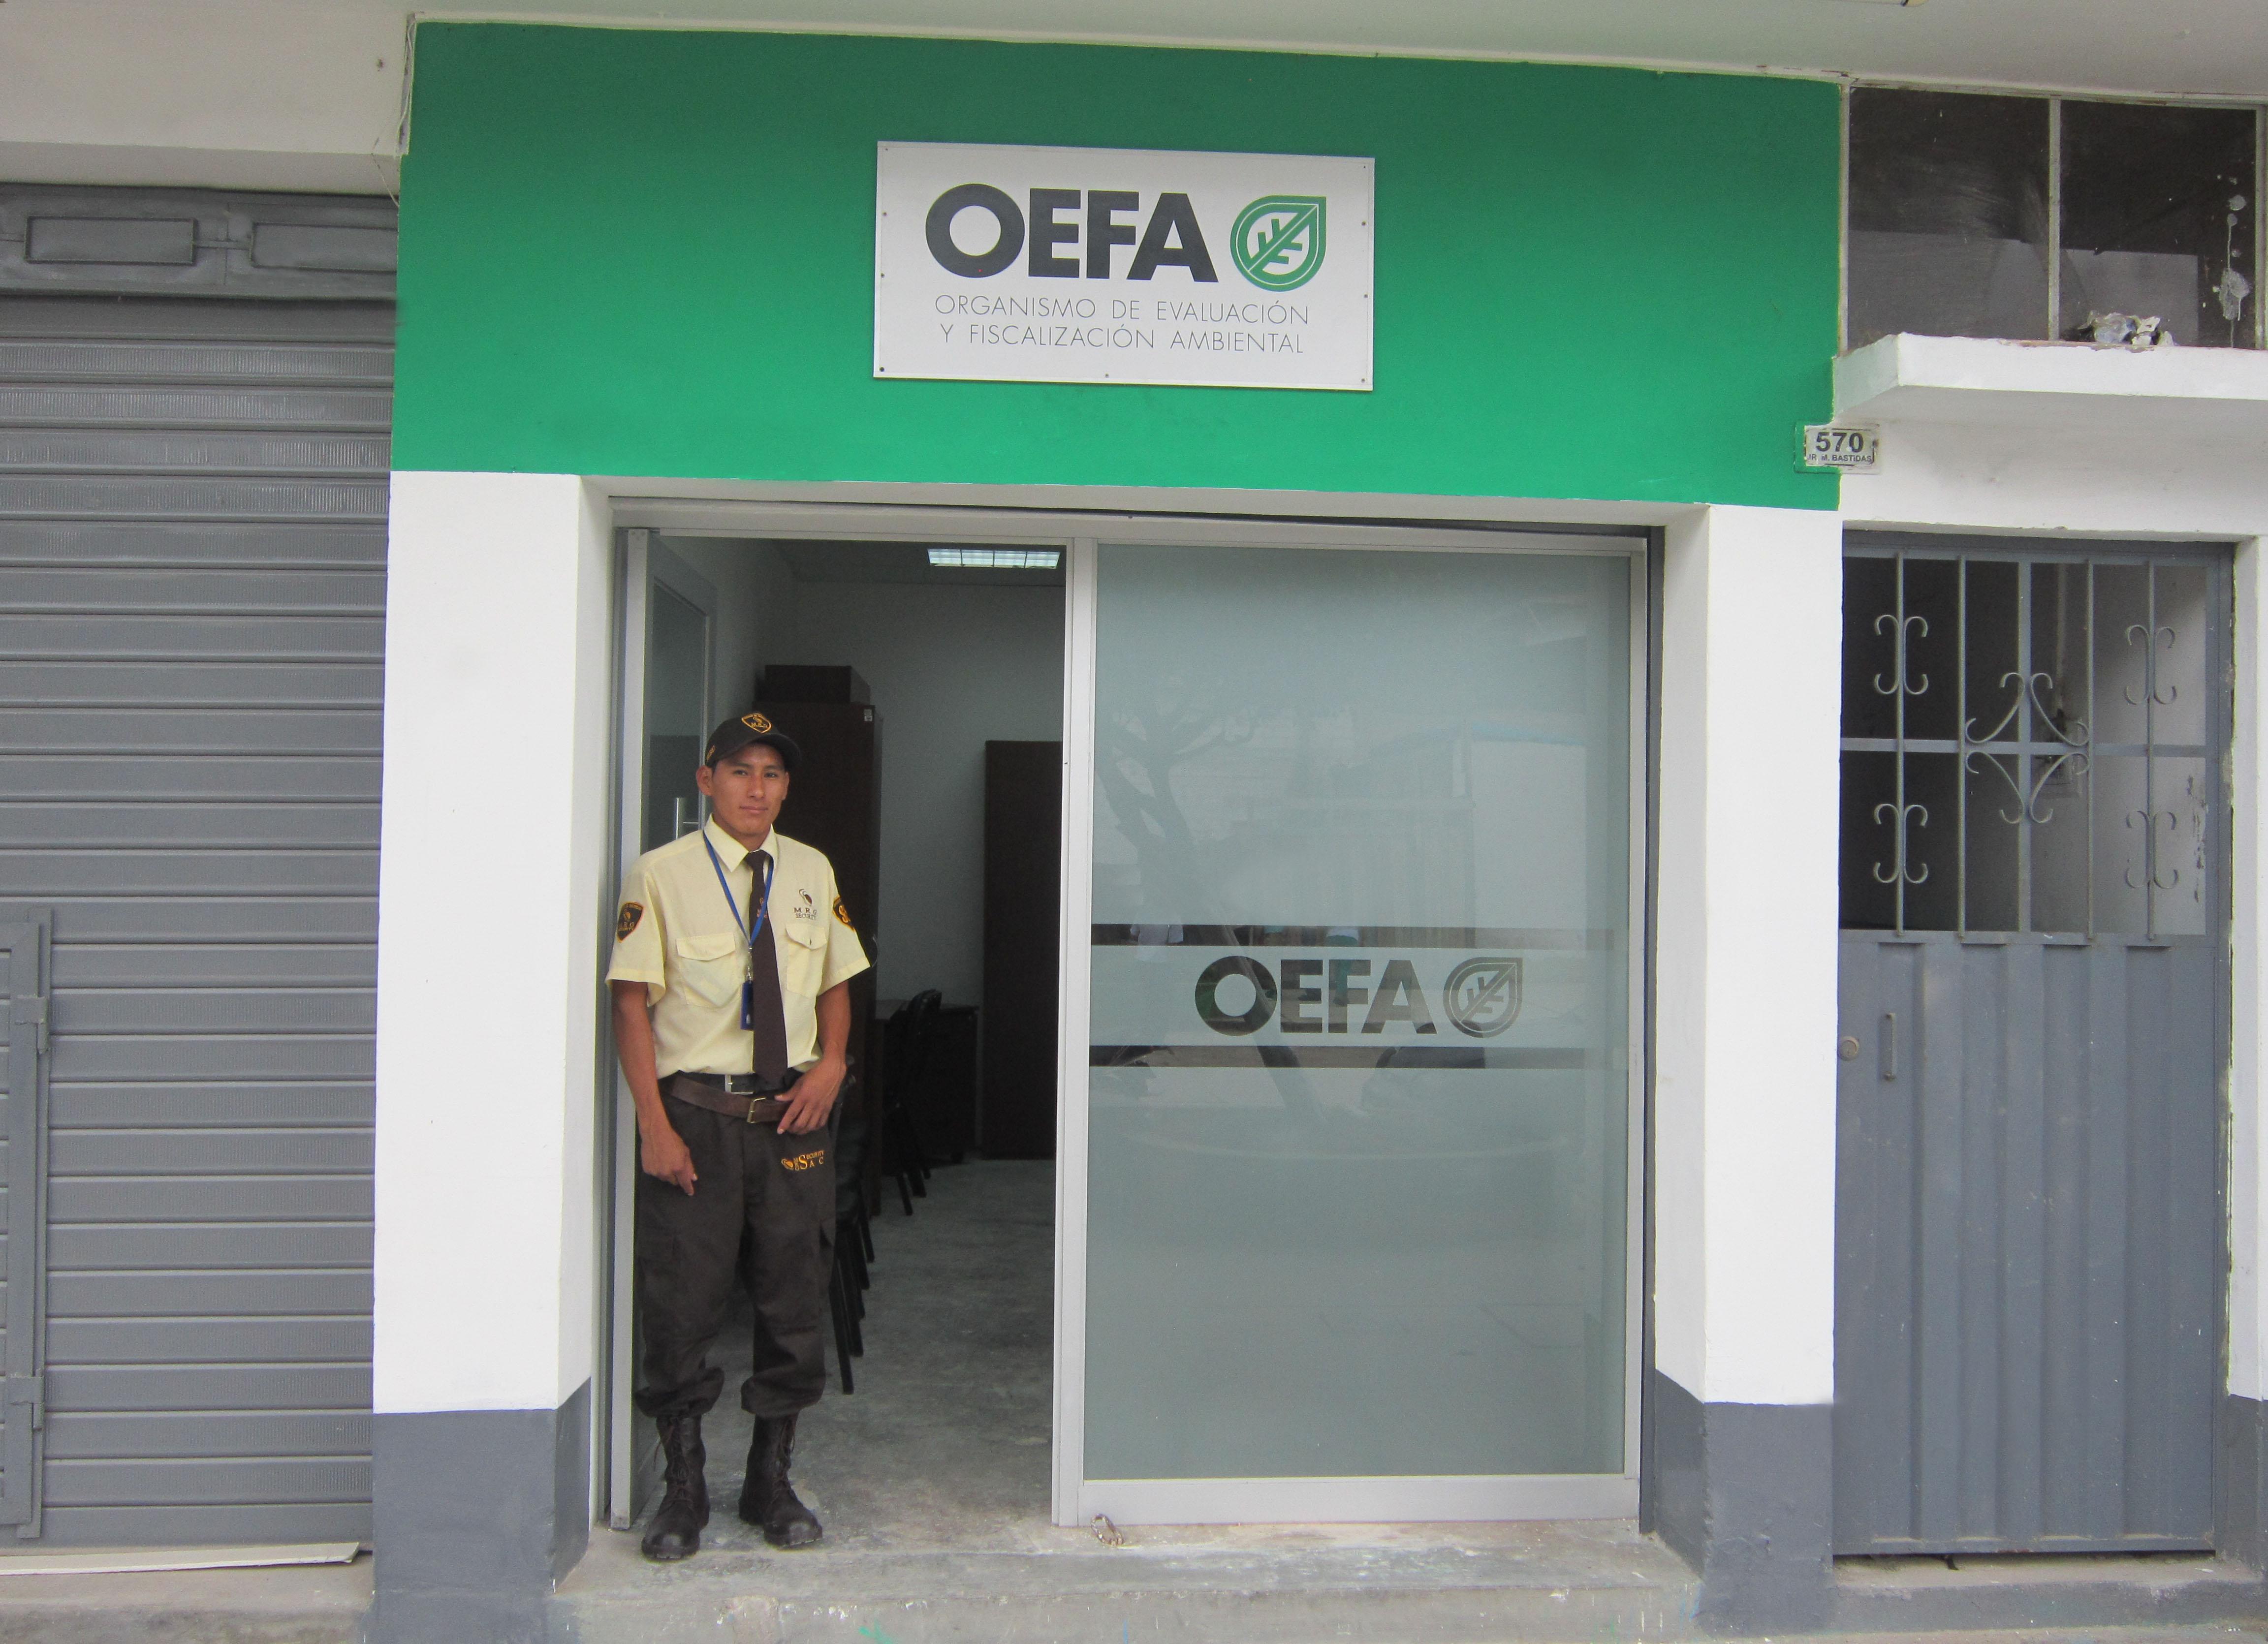 La oficina del OEFA en Pichanaki está ubicada en la calle Micaela Bastidas Nº 570